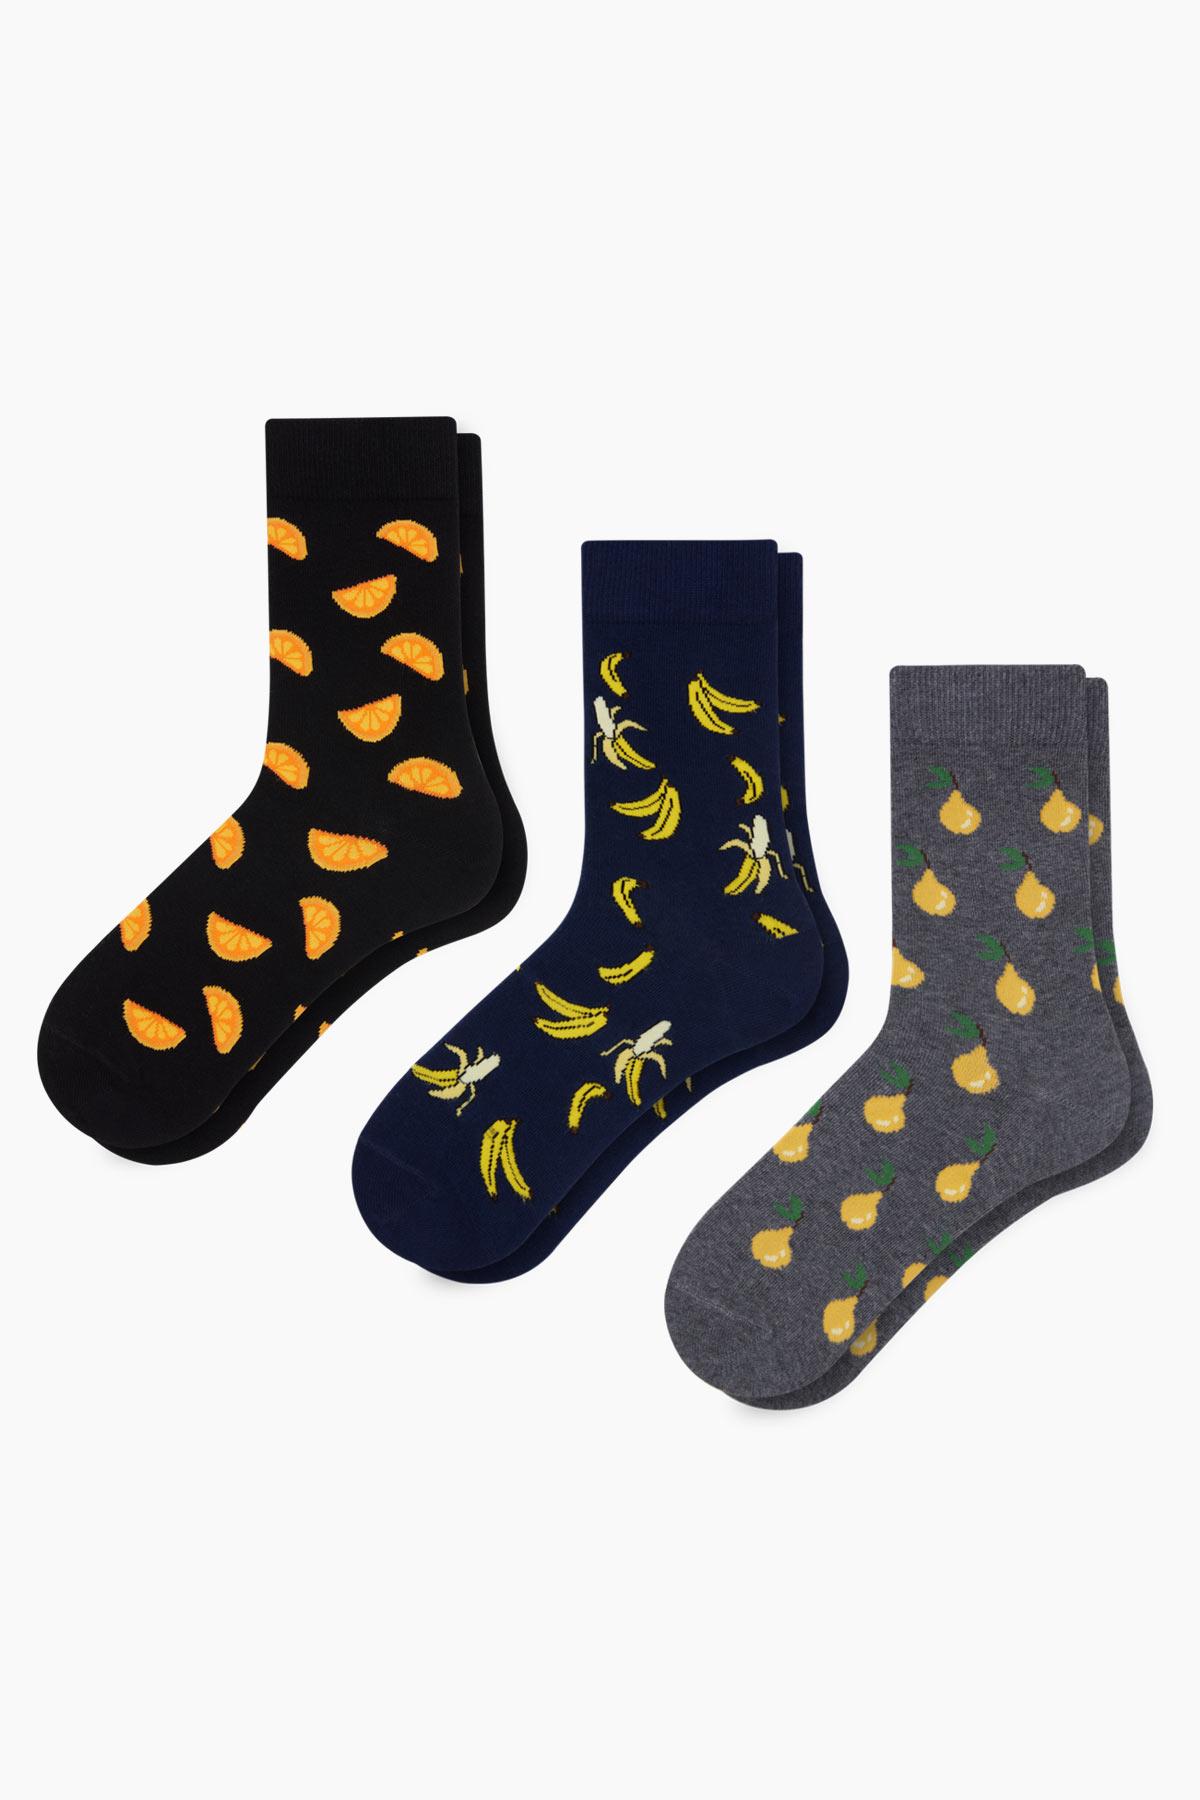 Bross 3'lü Kutu Meyve Desenli Erkek Çorabı - Thumbnail